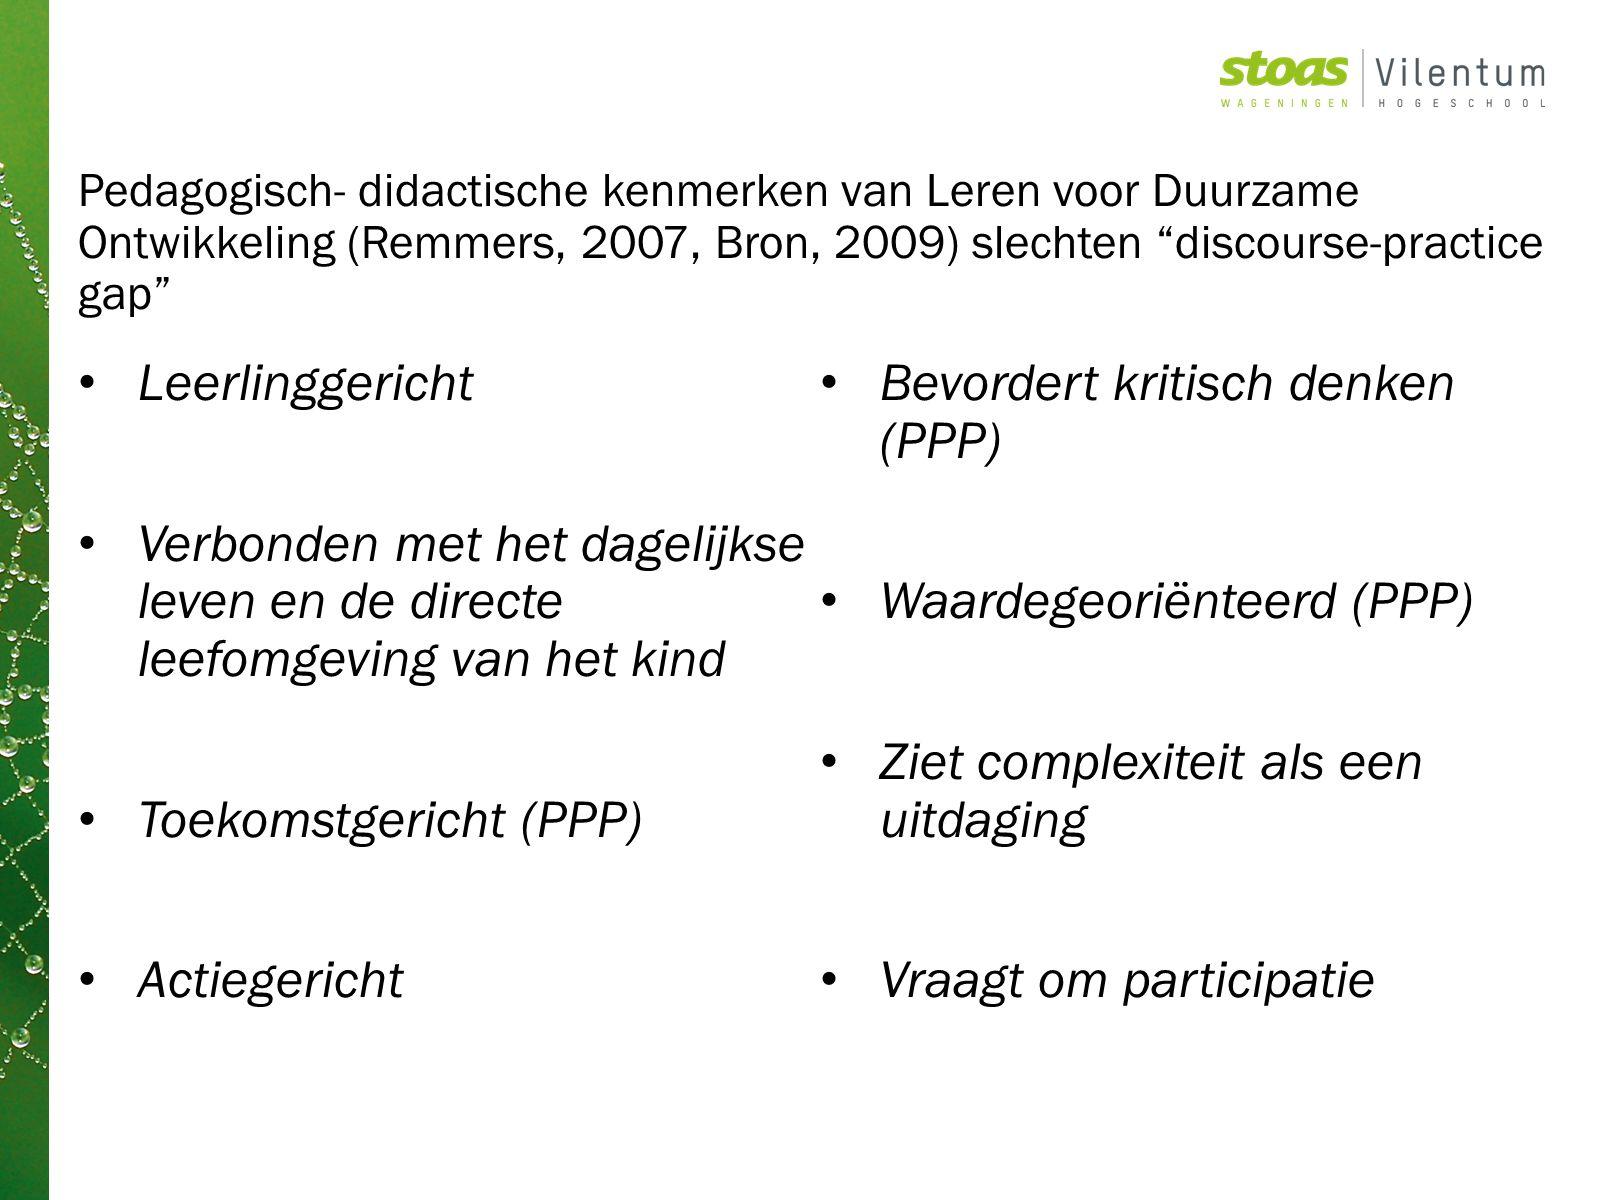 Pedagogisch- didactische kenmerken van Leren voor Duurzame Ontwikkeling (Remmers, 2007, Bron, 2009) slechten discourse-practice gap Leerlinggericht Verbonden met het dagelijkse leven en de directe leefomgeving van het kind Toekomstgericht (PPP) Actiegericht Bevordert kritisch denken (PPP) Waardegeoriënteerd (PPP) Ziet complexiteit als een uitdaging Vraagt om participatie